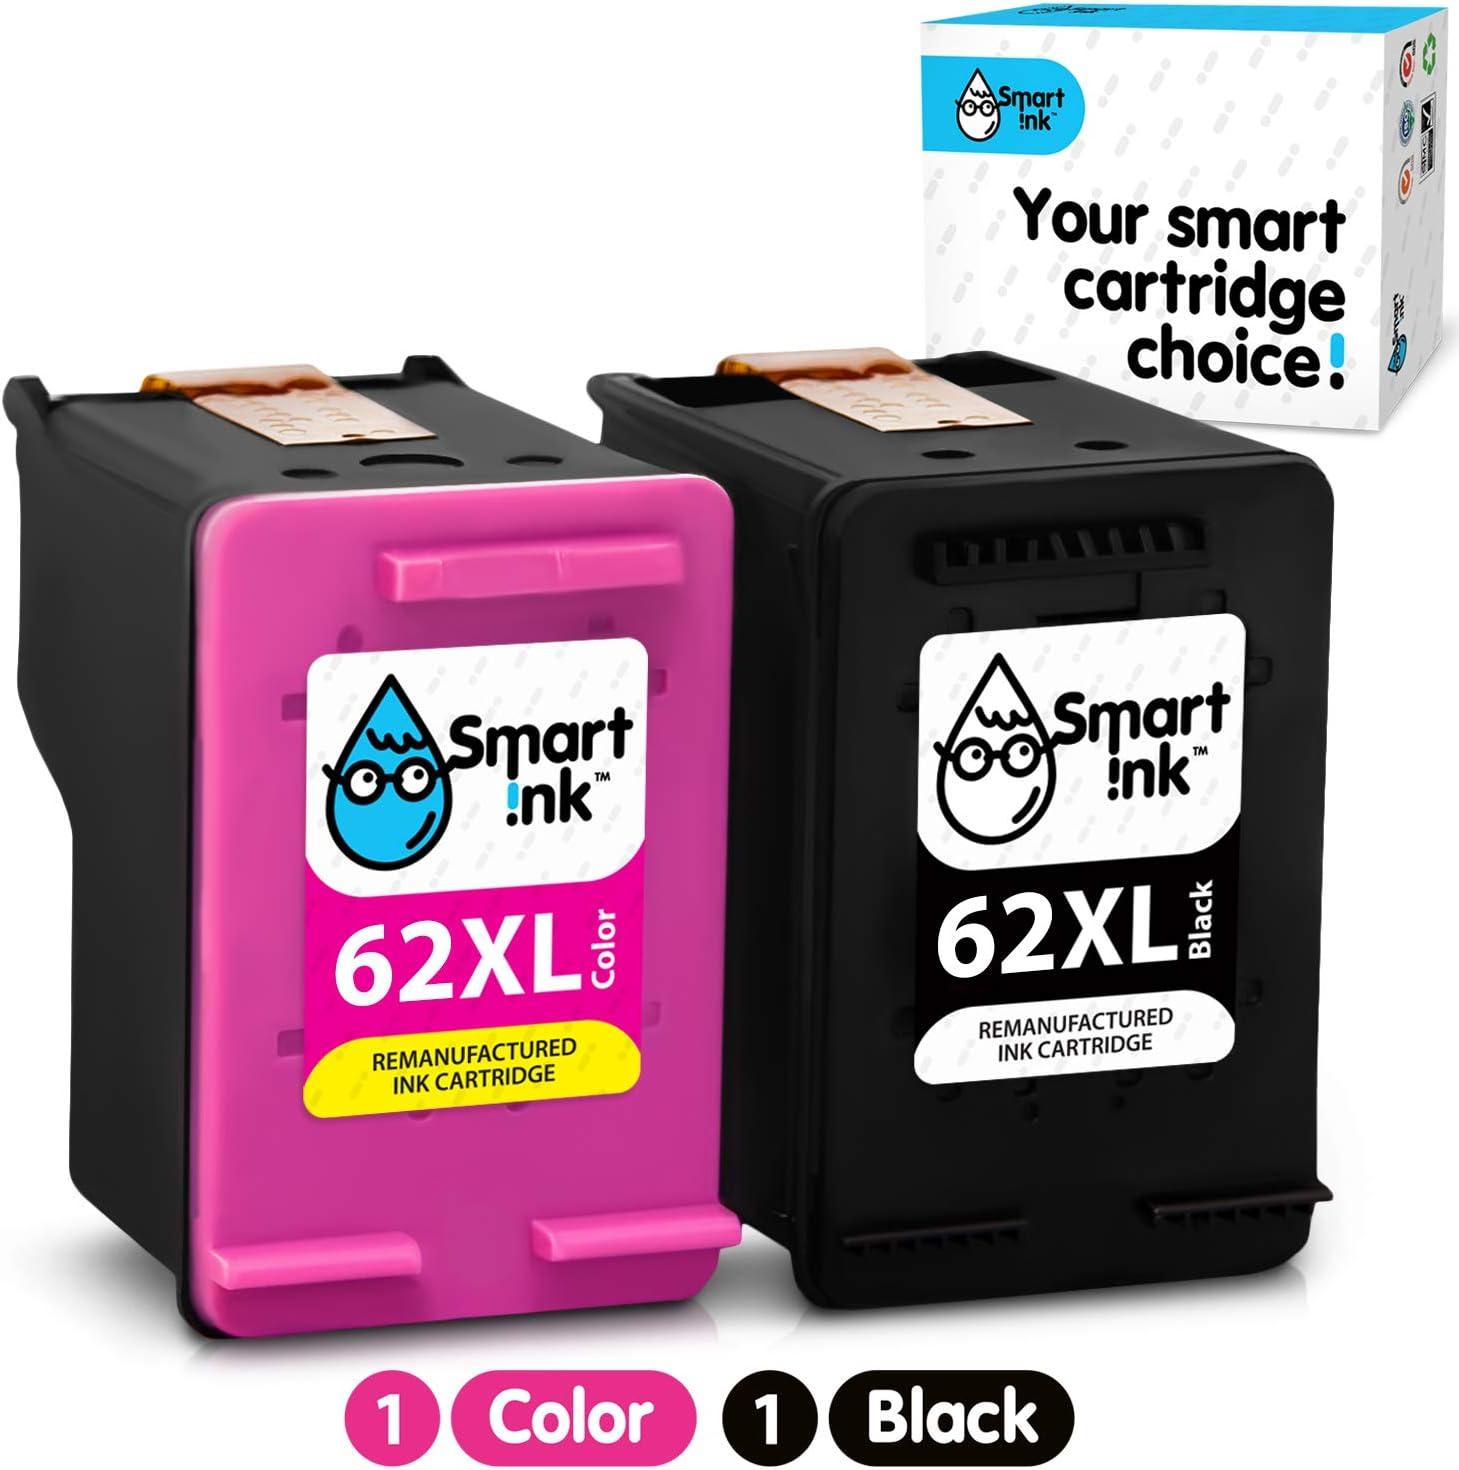 Amazon.com: Smart Ink - Cartucho de tinta de repuesto para ...